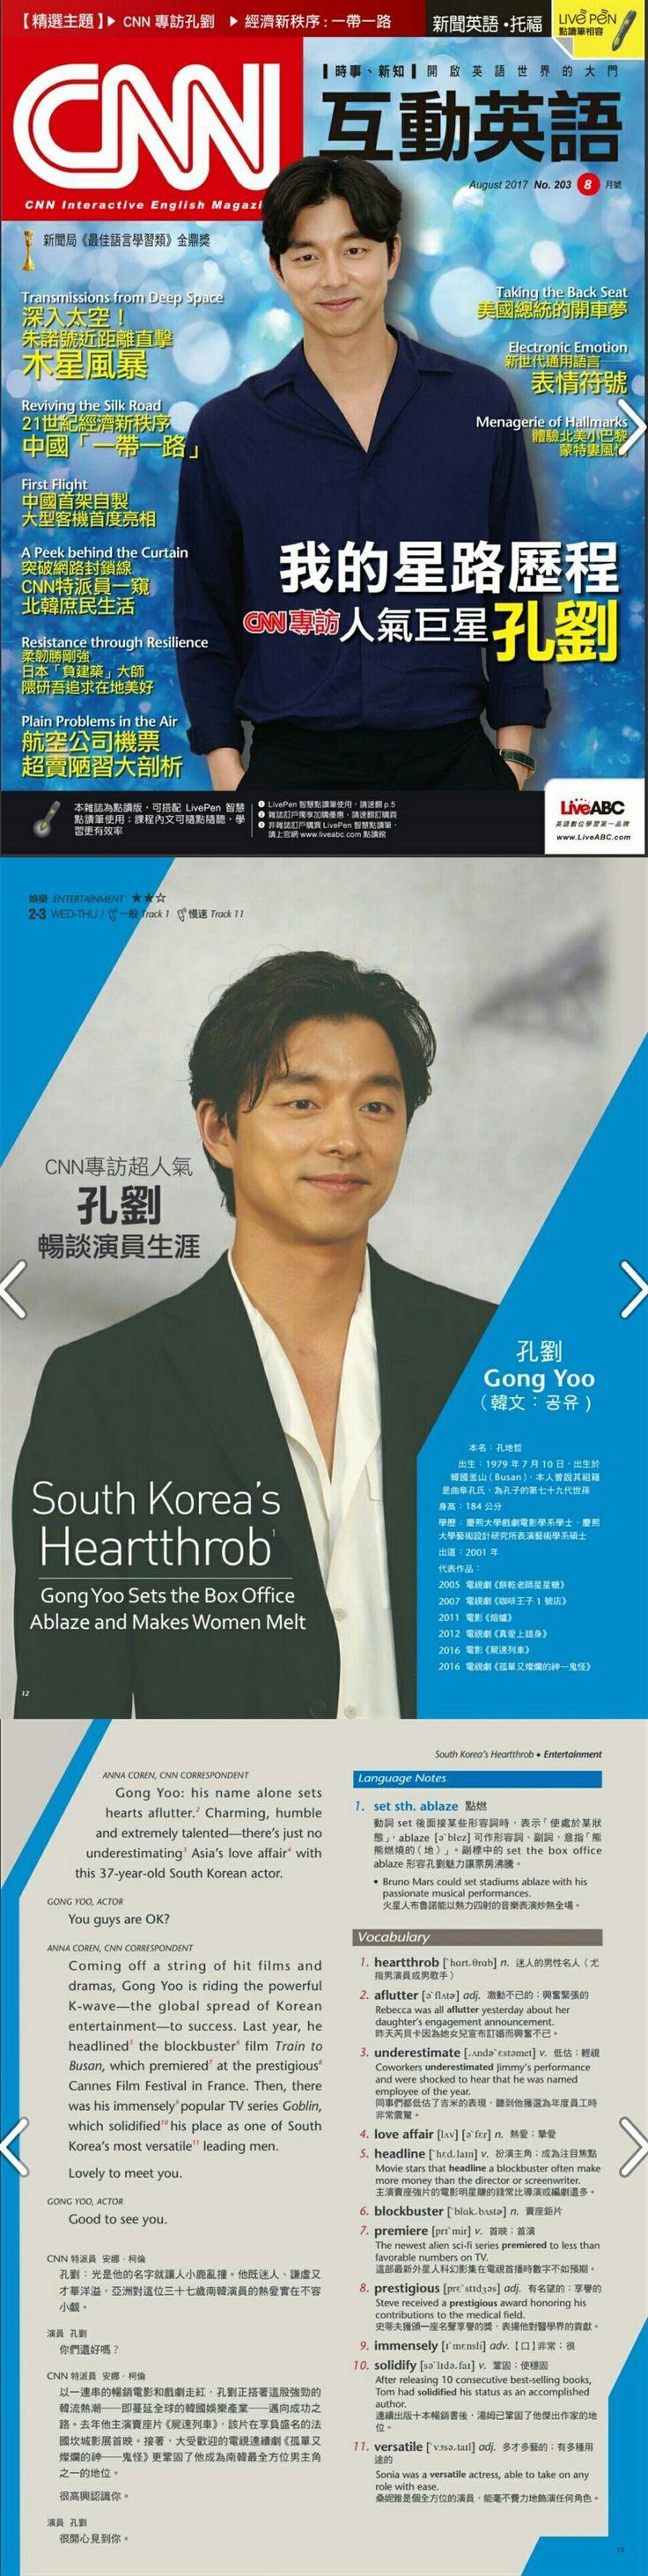 CNN Interactive English Magazine No. 203 TW August 2017